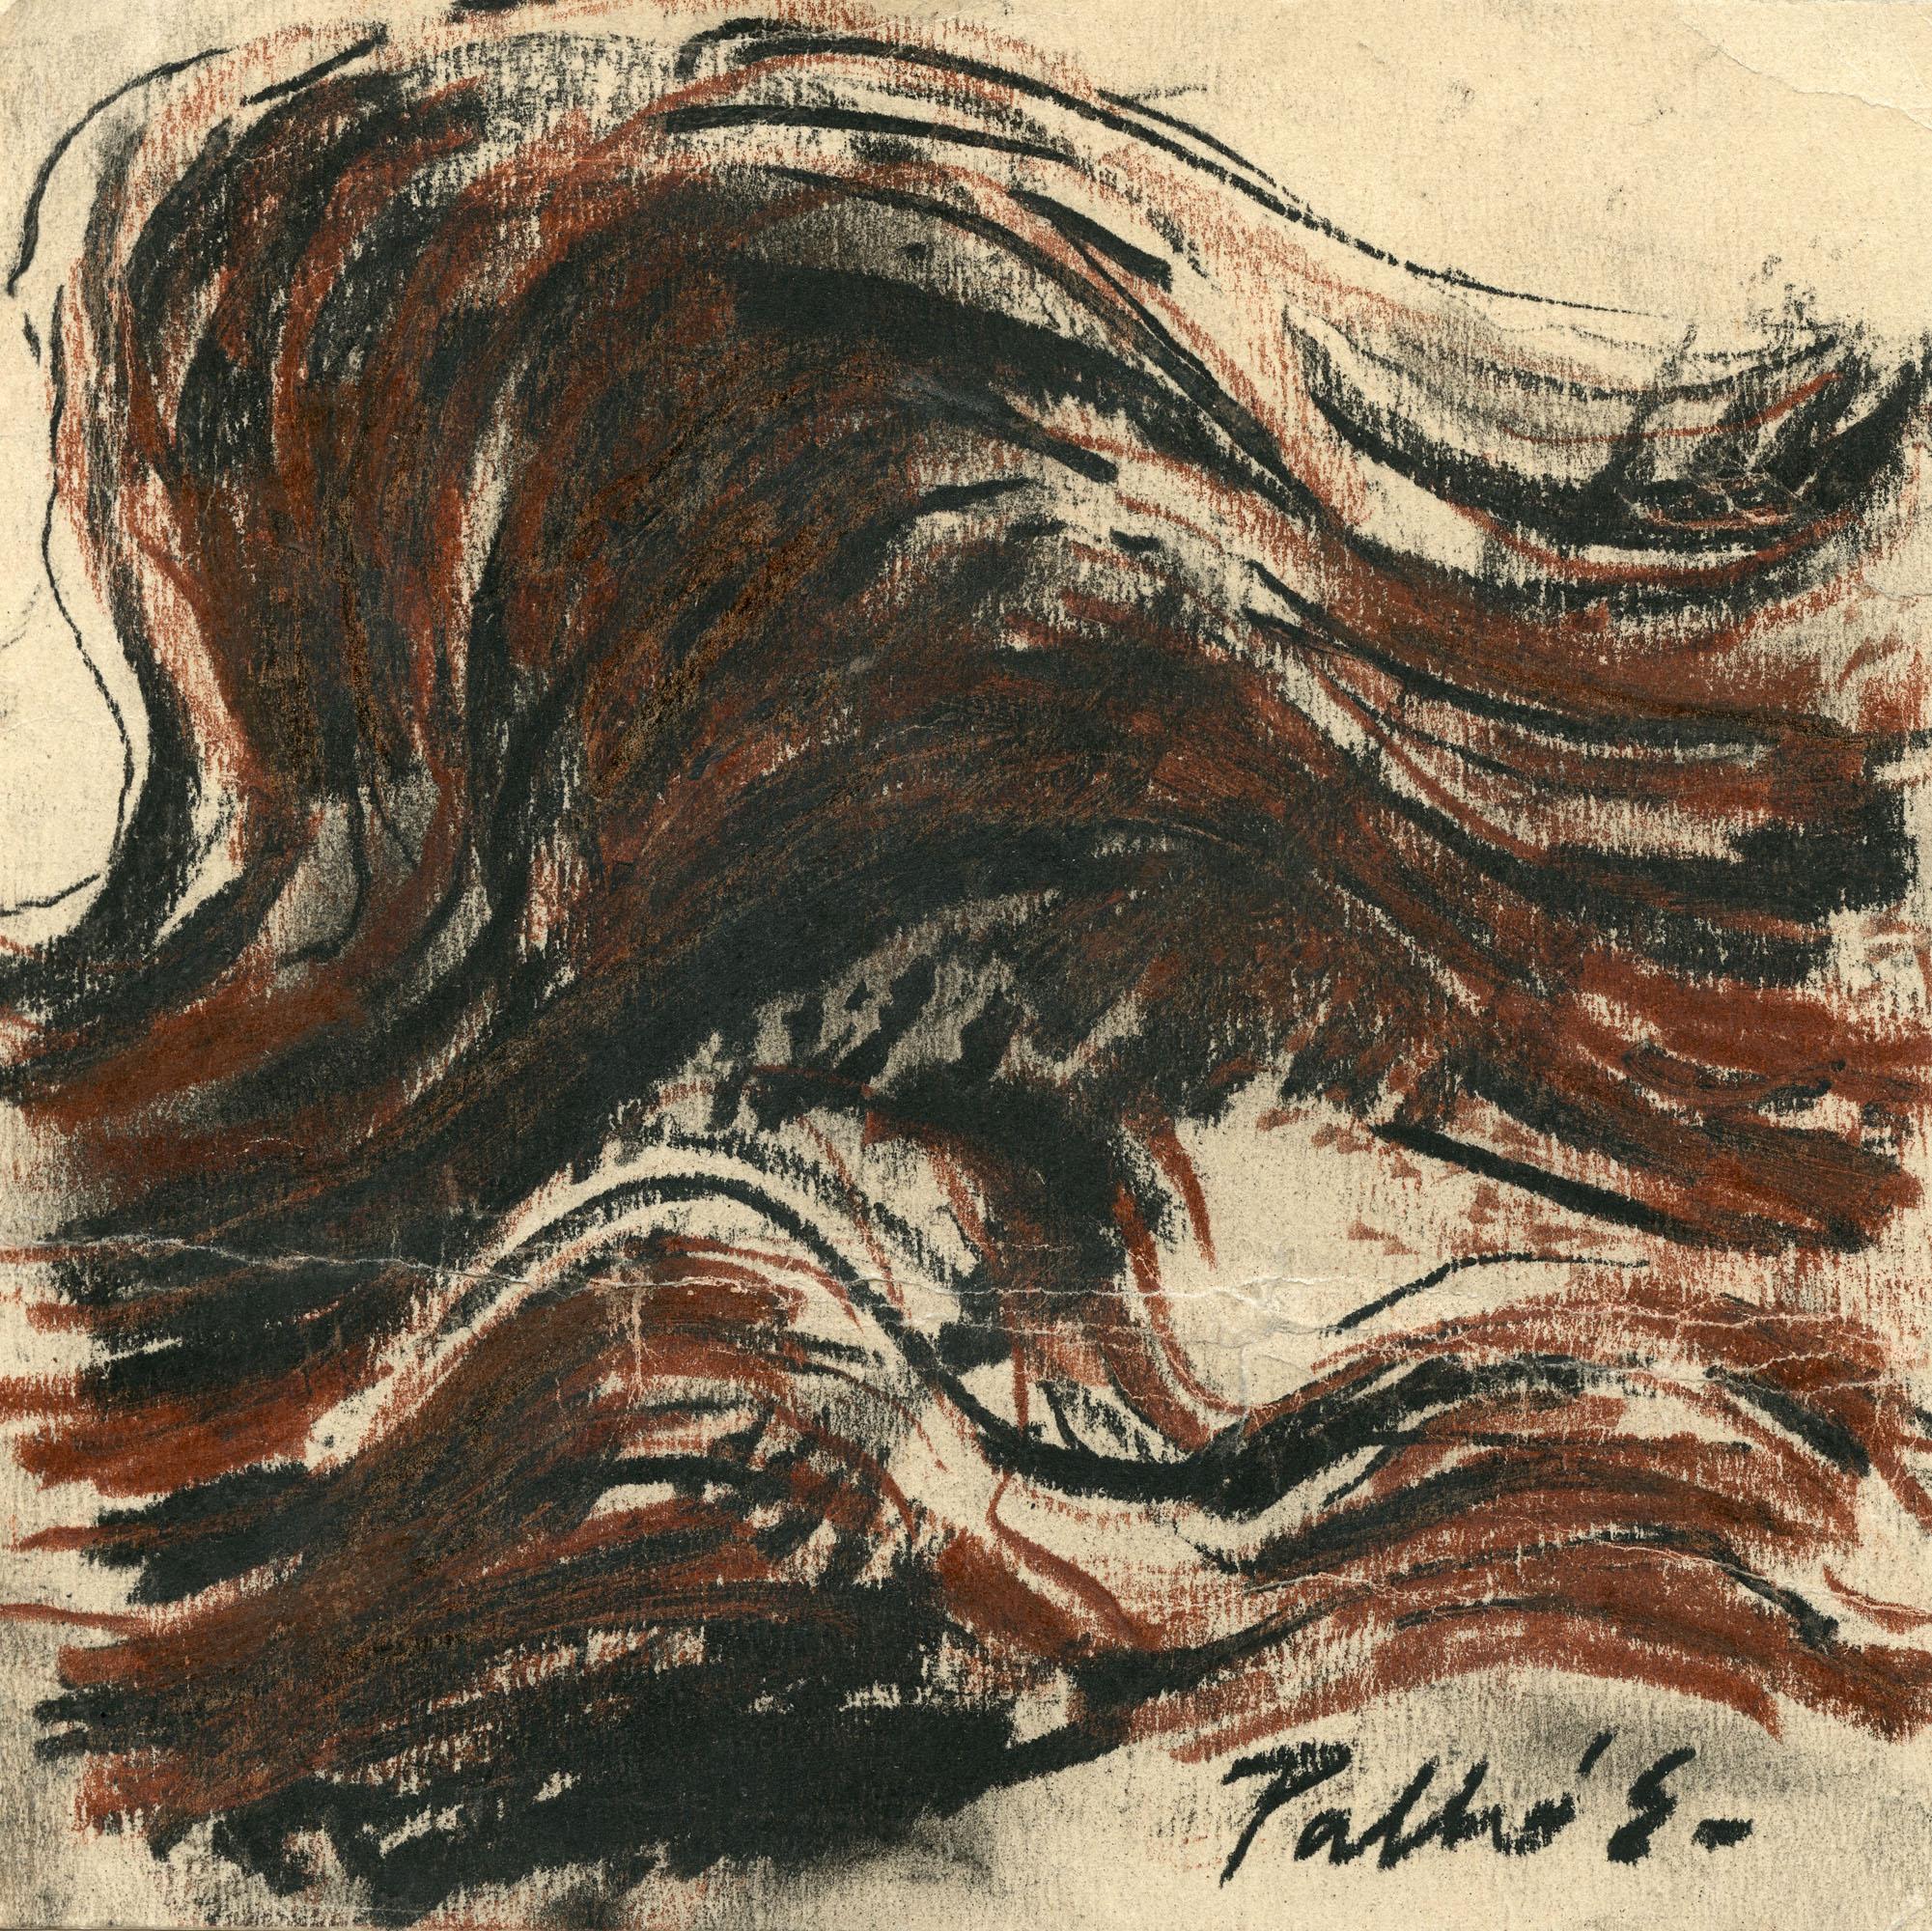 Palkó Ernő • Waving 1 • charcoal • 26×26 cm